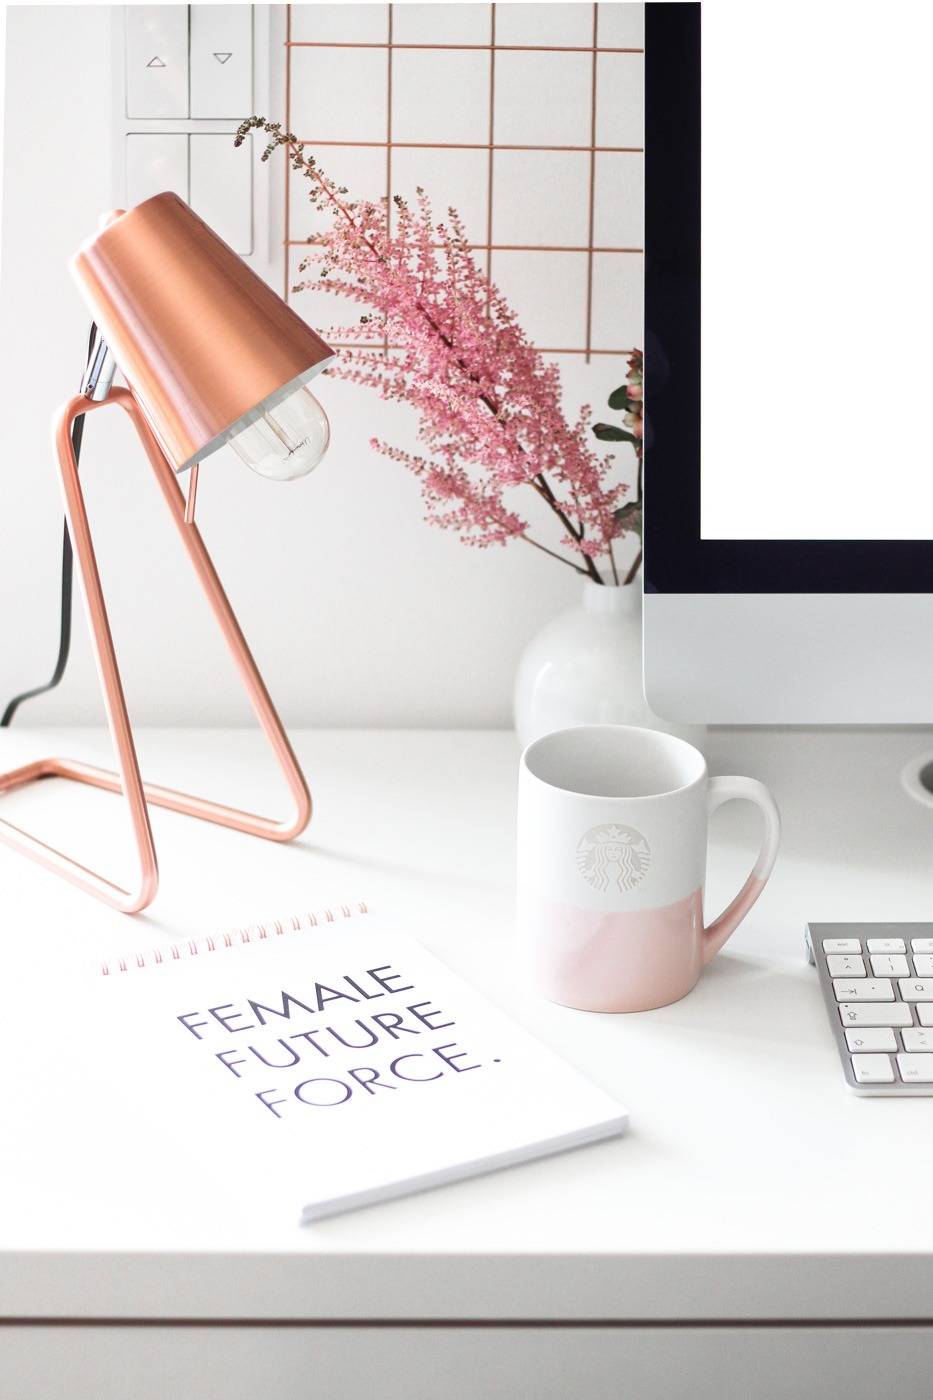 Heute Soll Es Aber Um Meinen Arbeitsplatz Zu Hause Gehen: Um Mein Home  Office, Schreibtisch Und Ort Der Kreativität. Deshalb Zeige Ich Euch, Wo  Ich Gerade ...